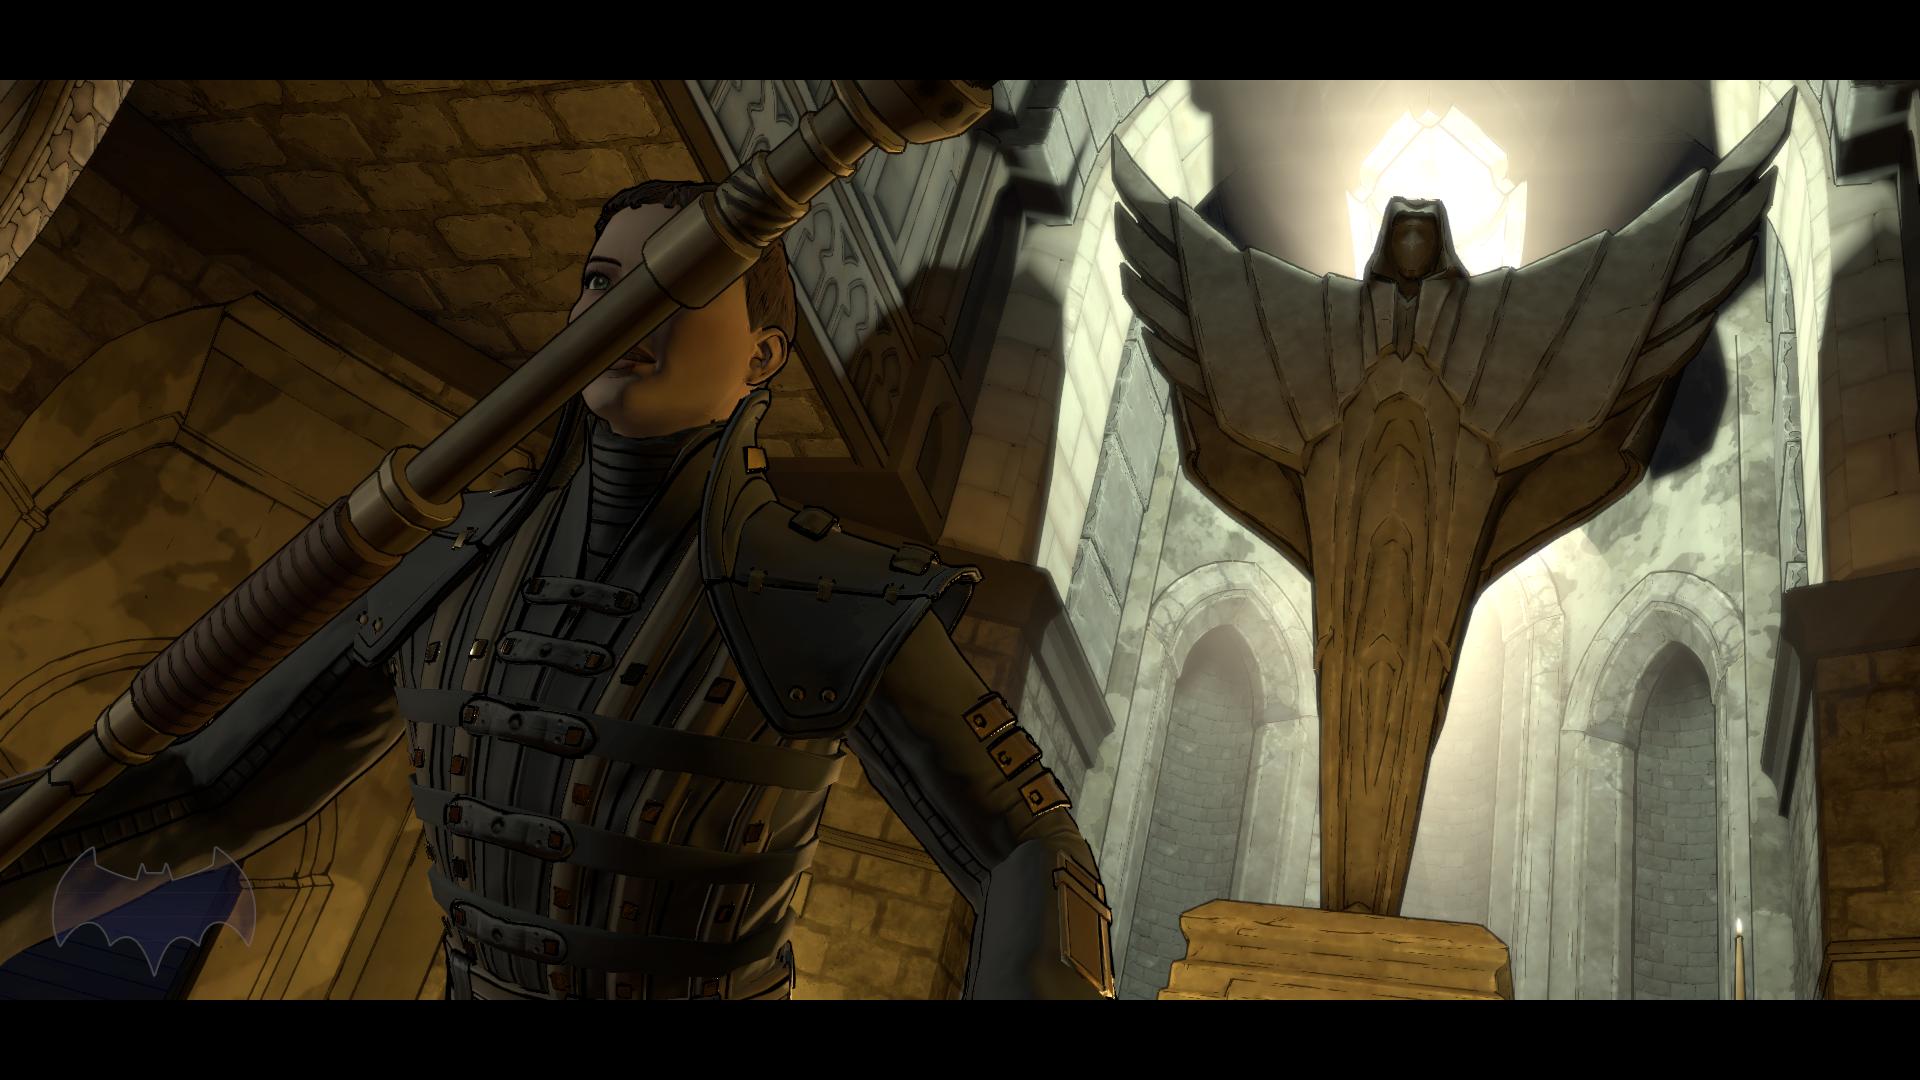 Batman: The Telltale Series Episode 5 - Ville de lumière Xbox One